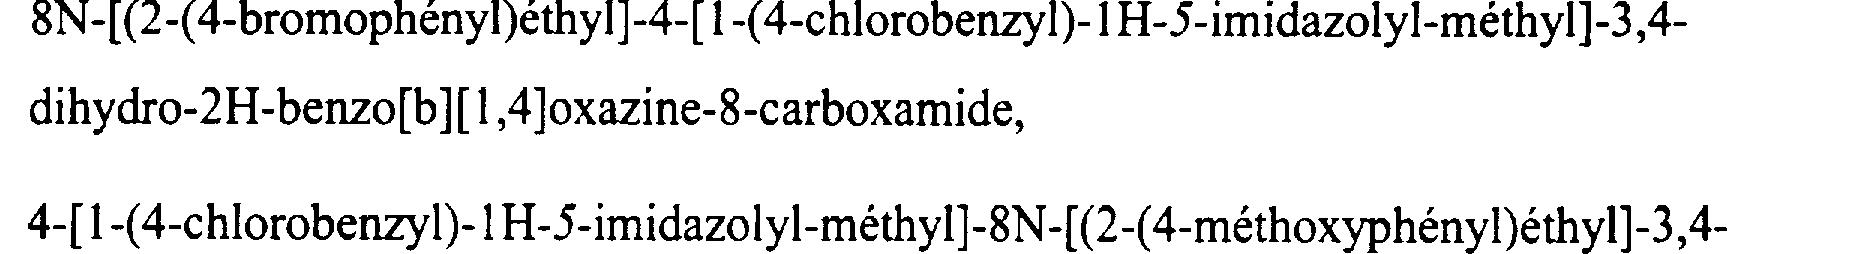 Figure img00110003